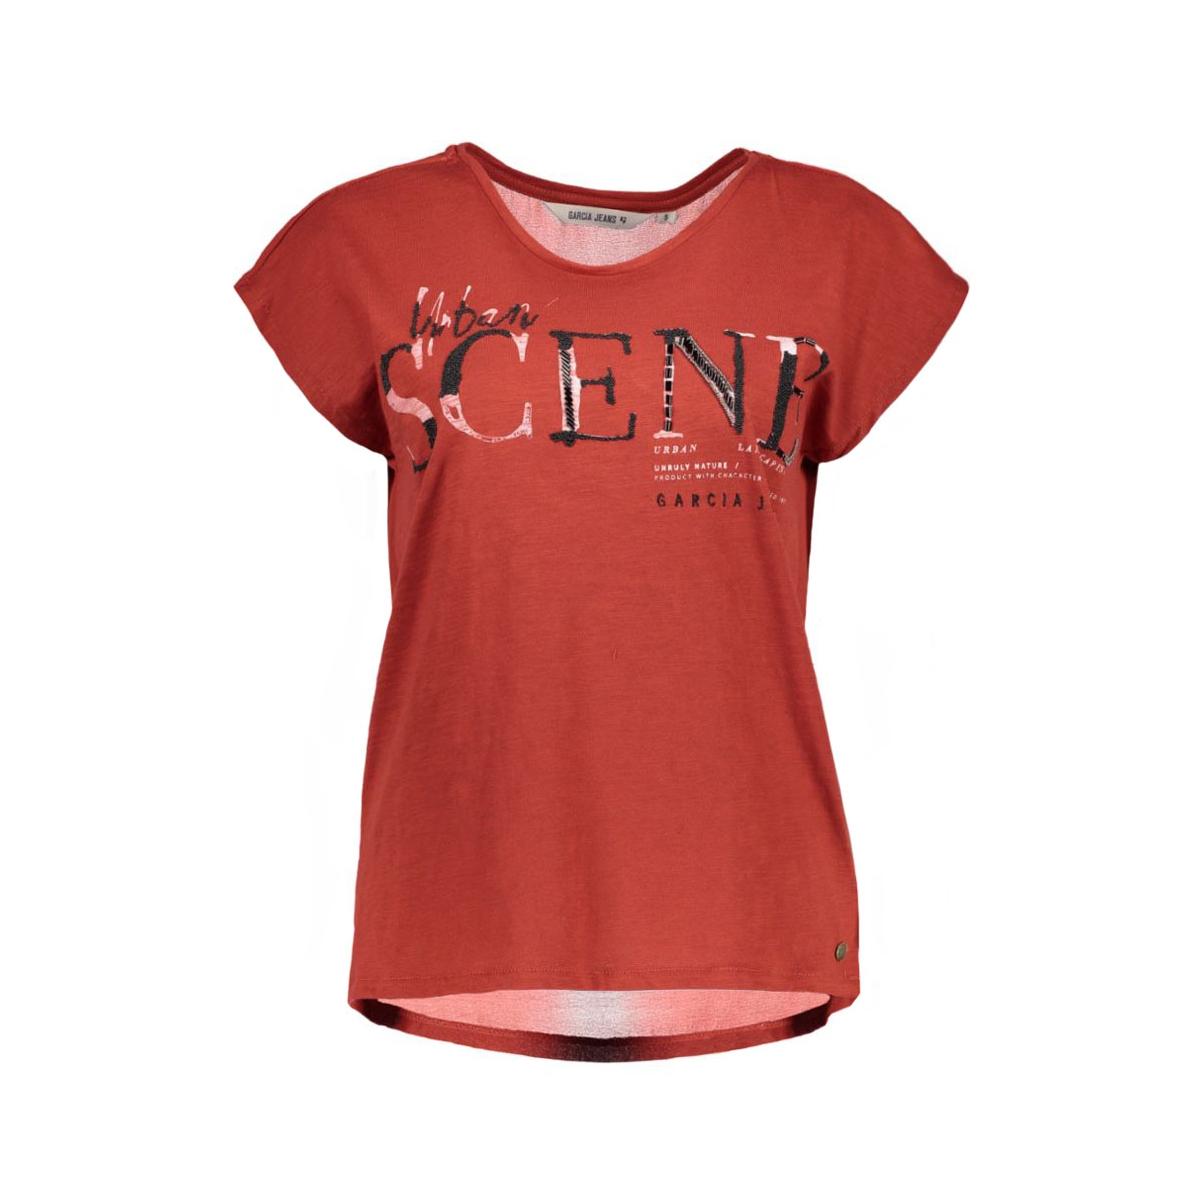 v60216 garcia t-shirt 2051 brique